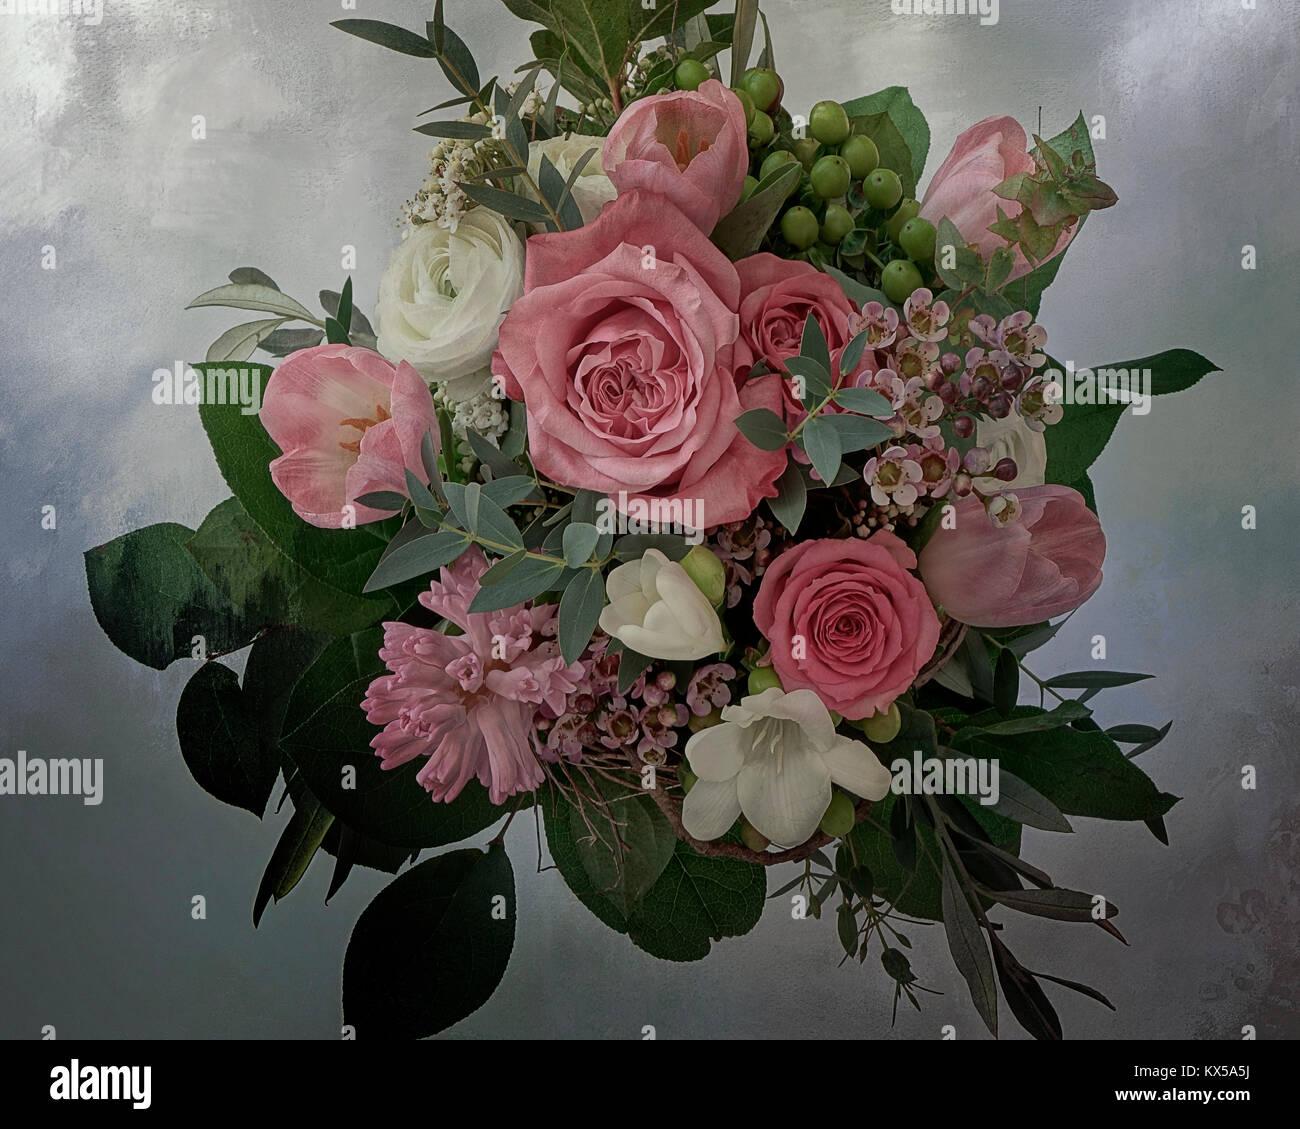 Arte della foto: composizione floreale Immagini Stock